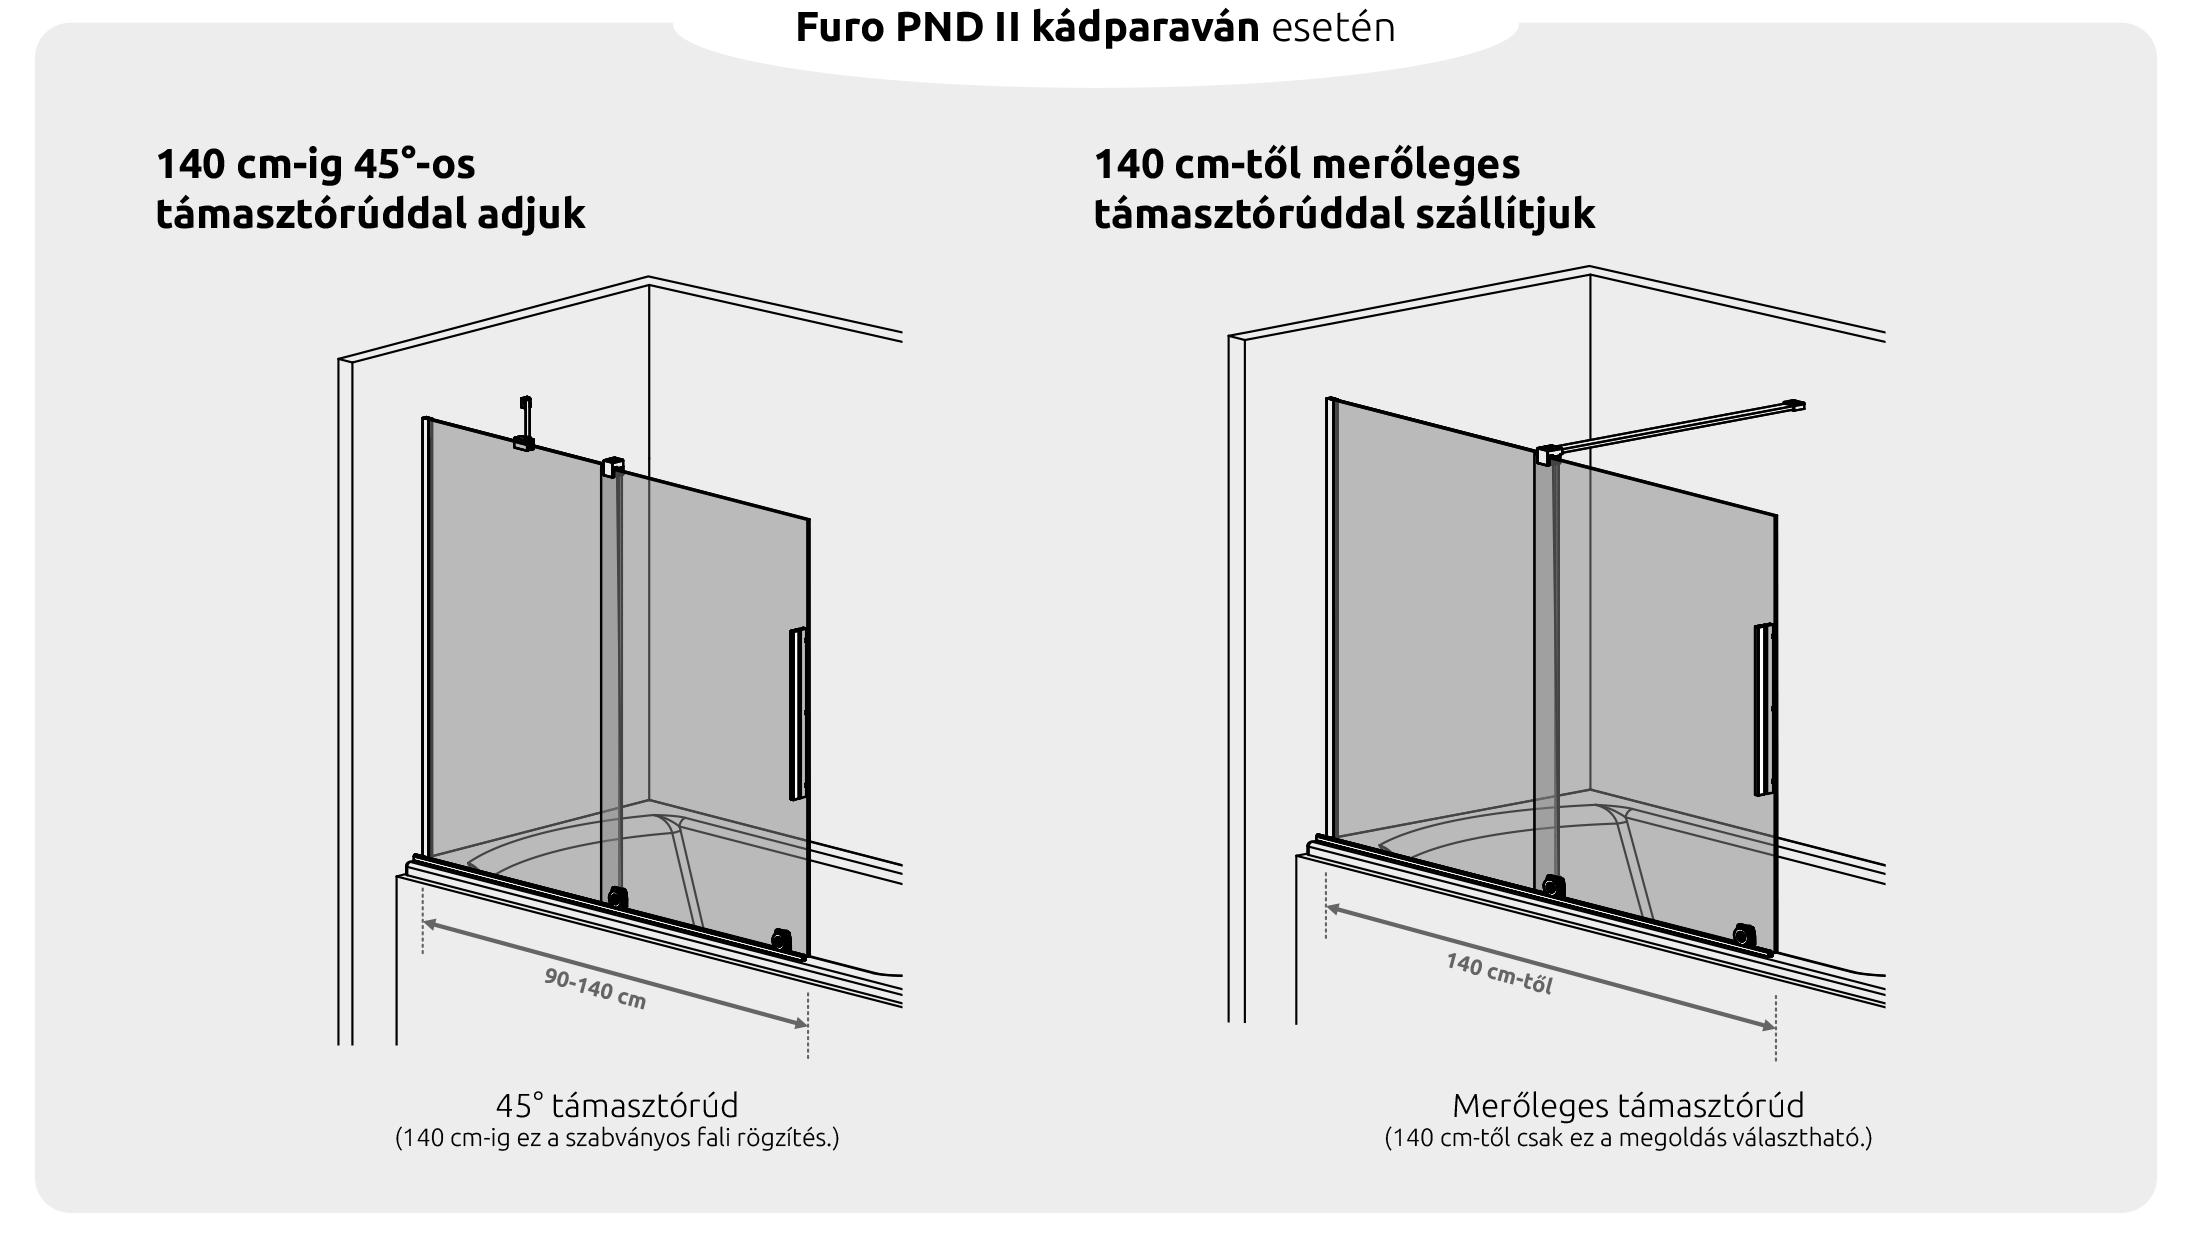 Radaway-FURO-PND-kádparaván-merevítés-variáció_